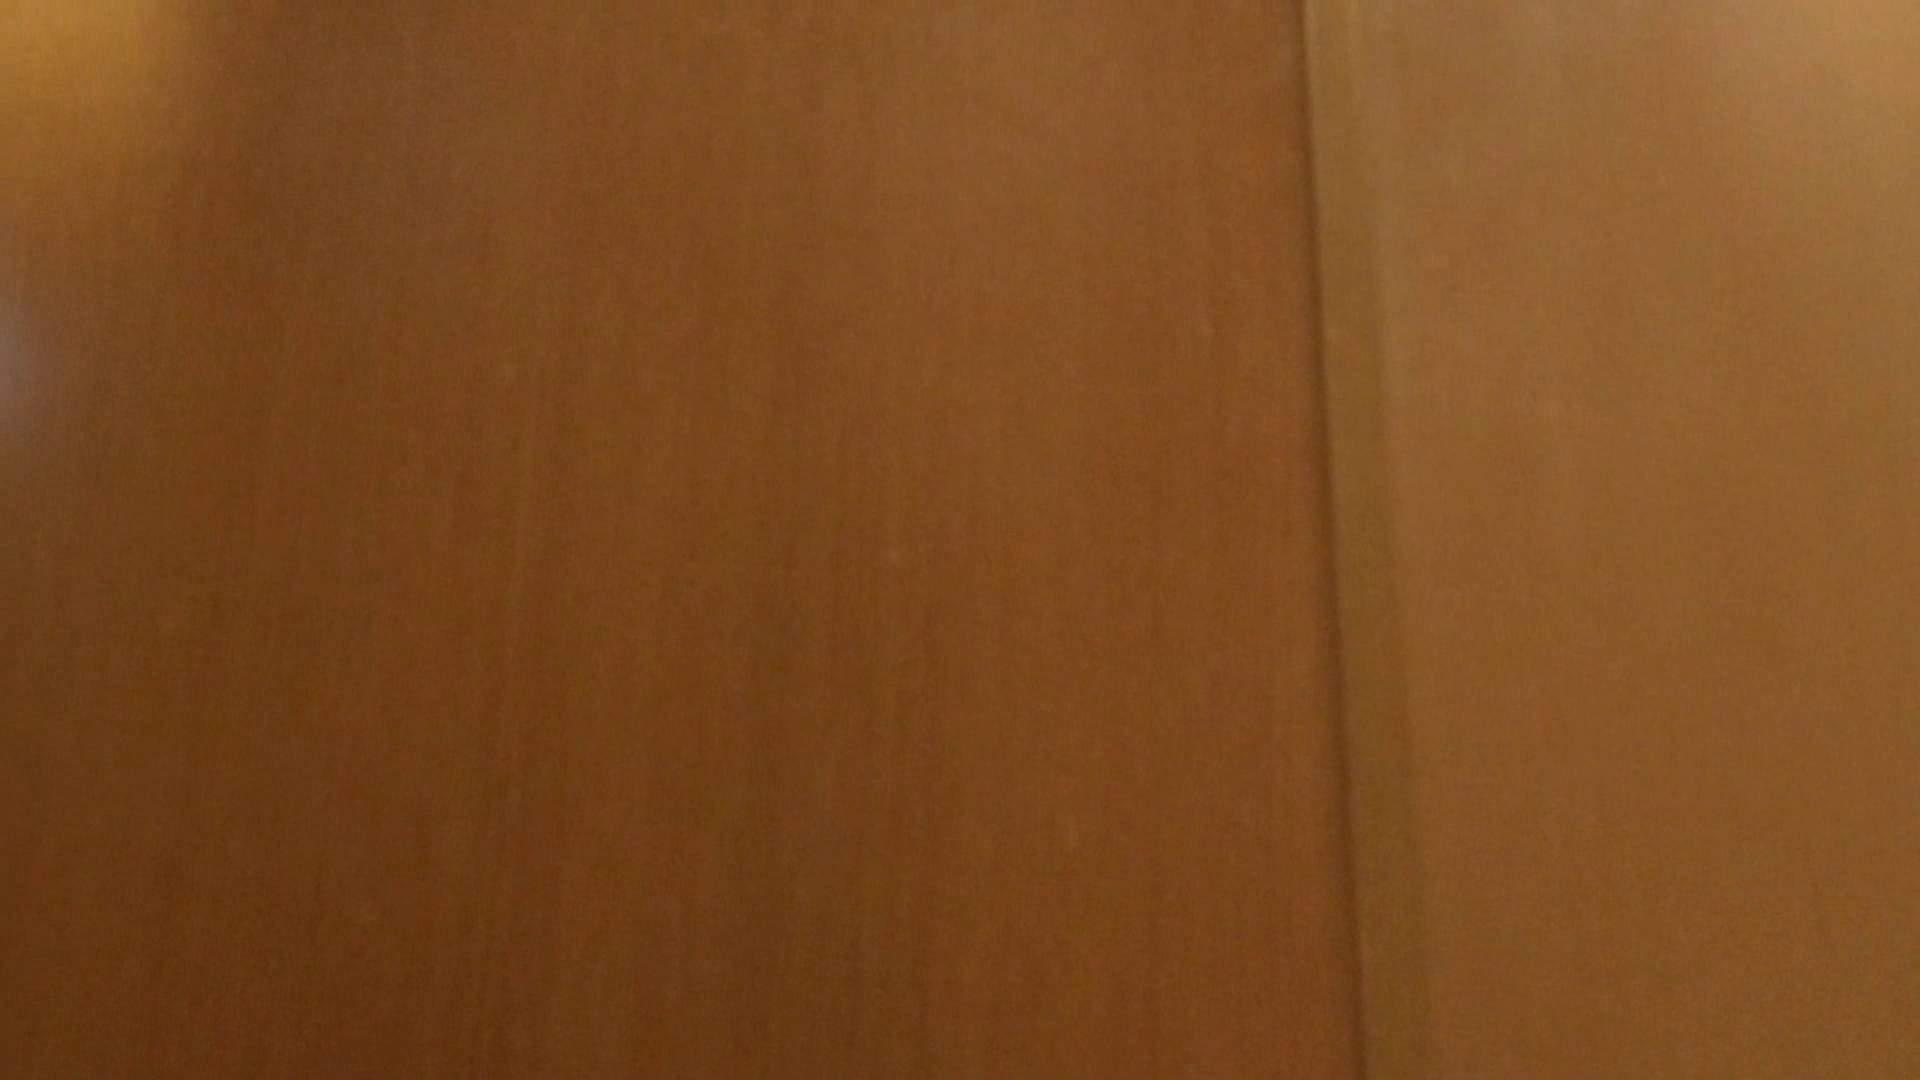 「噂」の国の厠観察日記2 Vol.02 厠 スケベ動画紹介 26連発 2